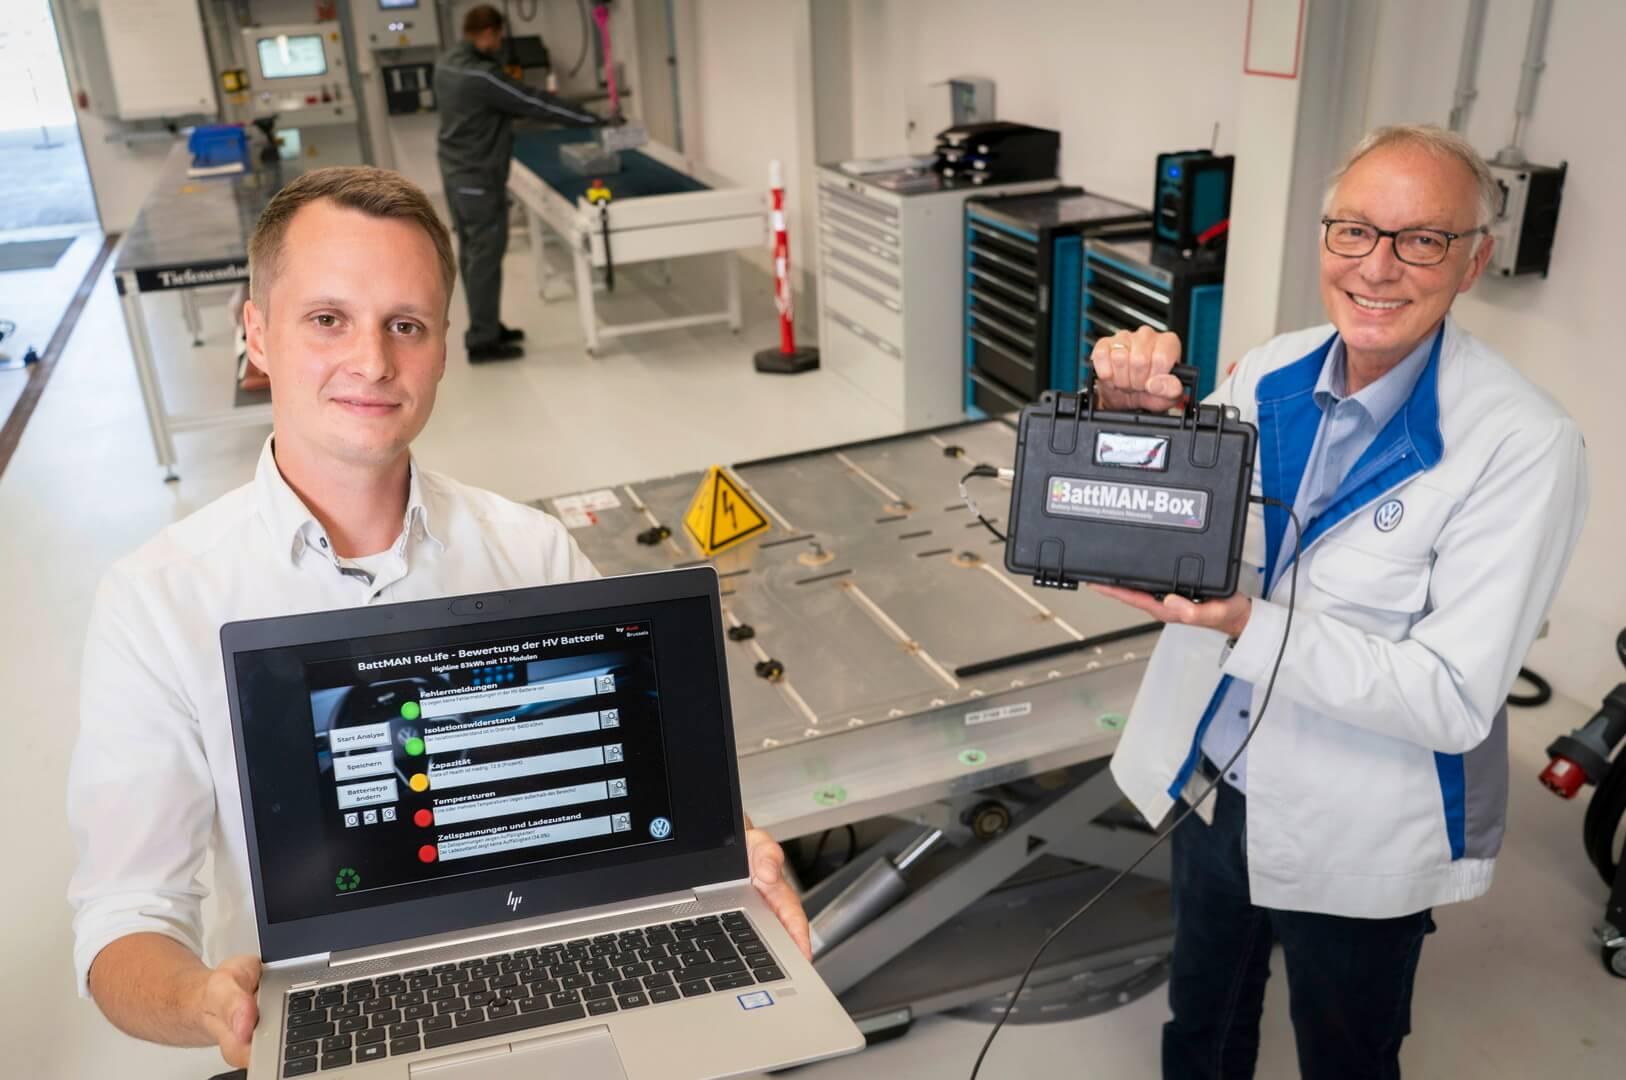 BattMan ReLife оценивает состояние батареи электромобиля засчитанные минуты